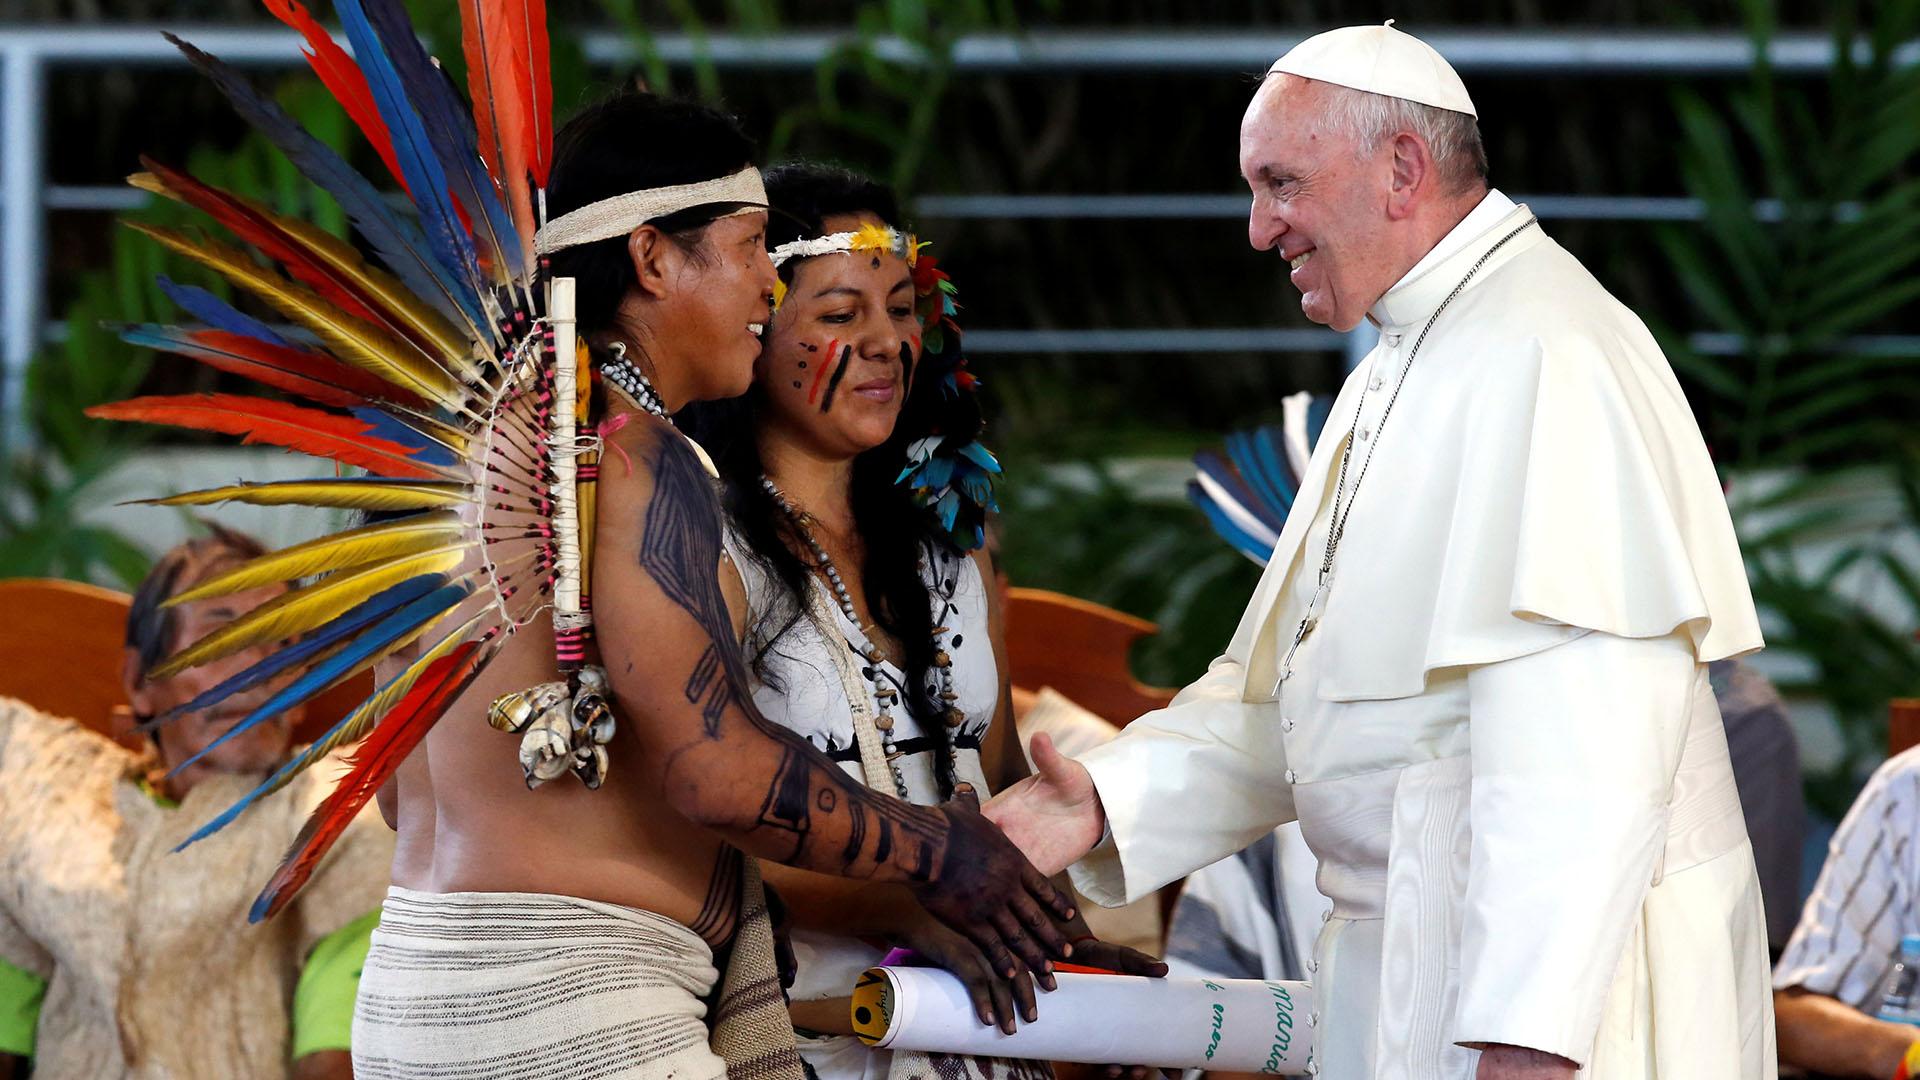 El Papa saluda a miembros de grupos indígenas de la región de la Amazoniaen Puerto Maldonado